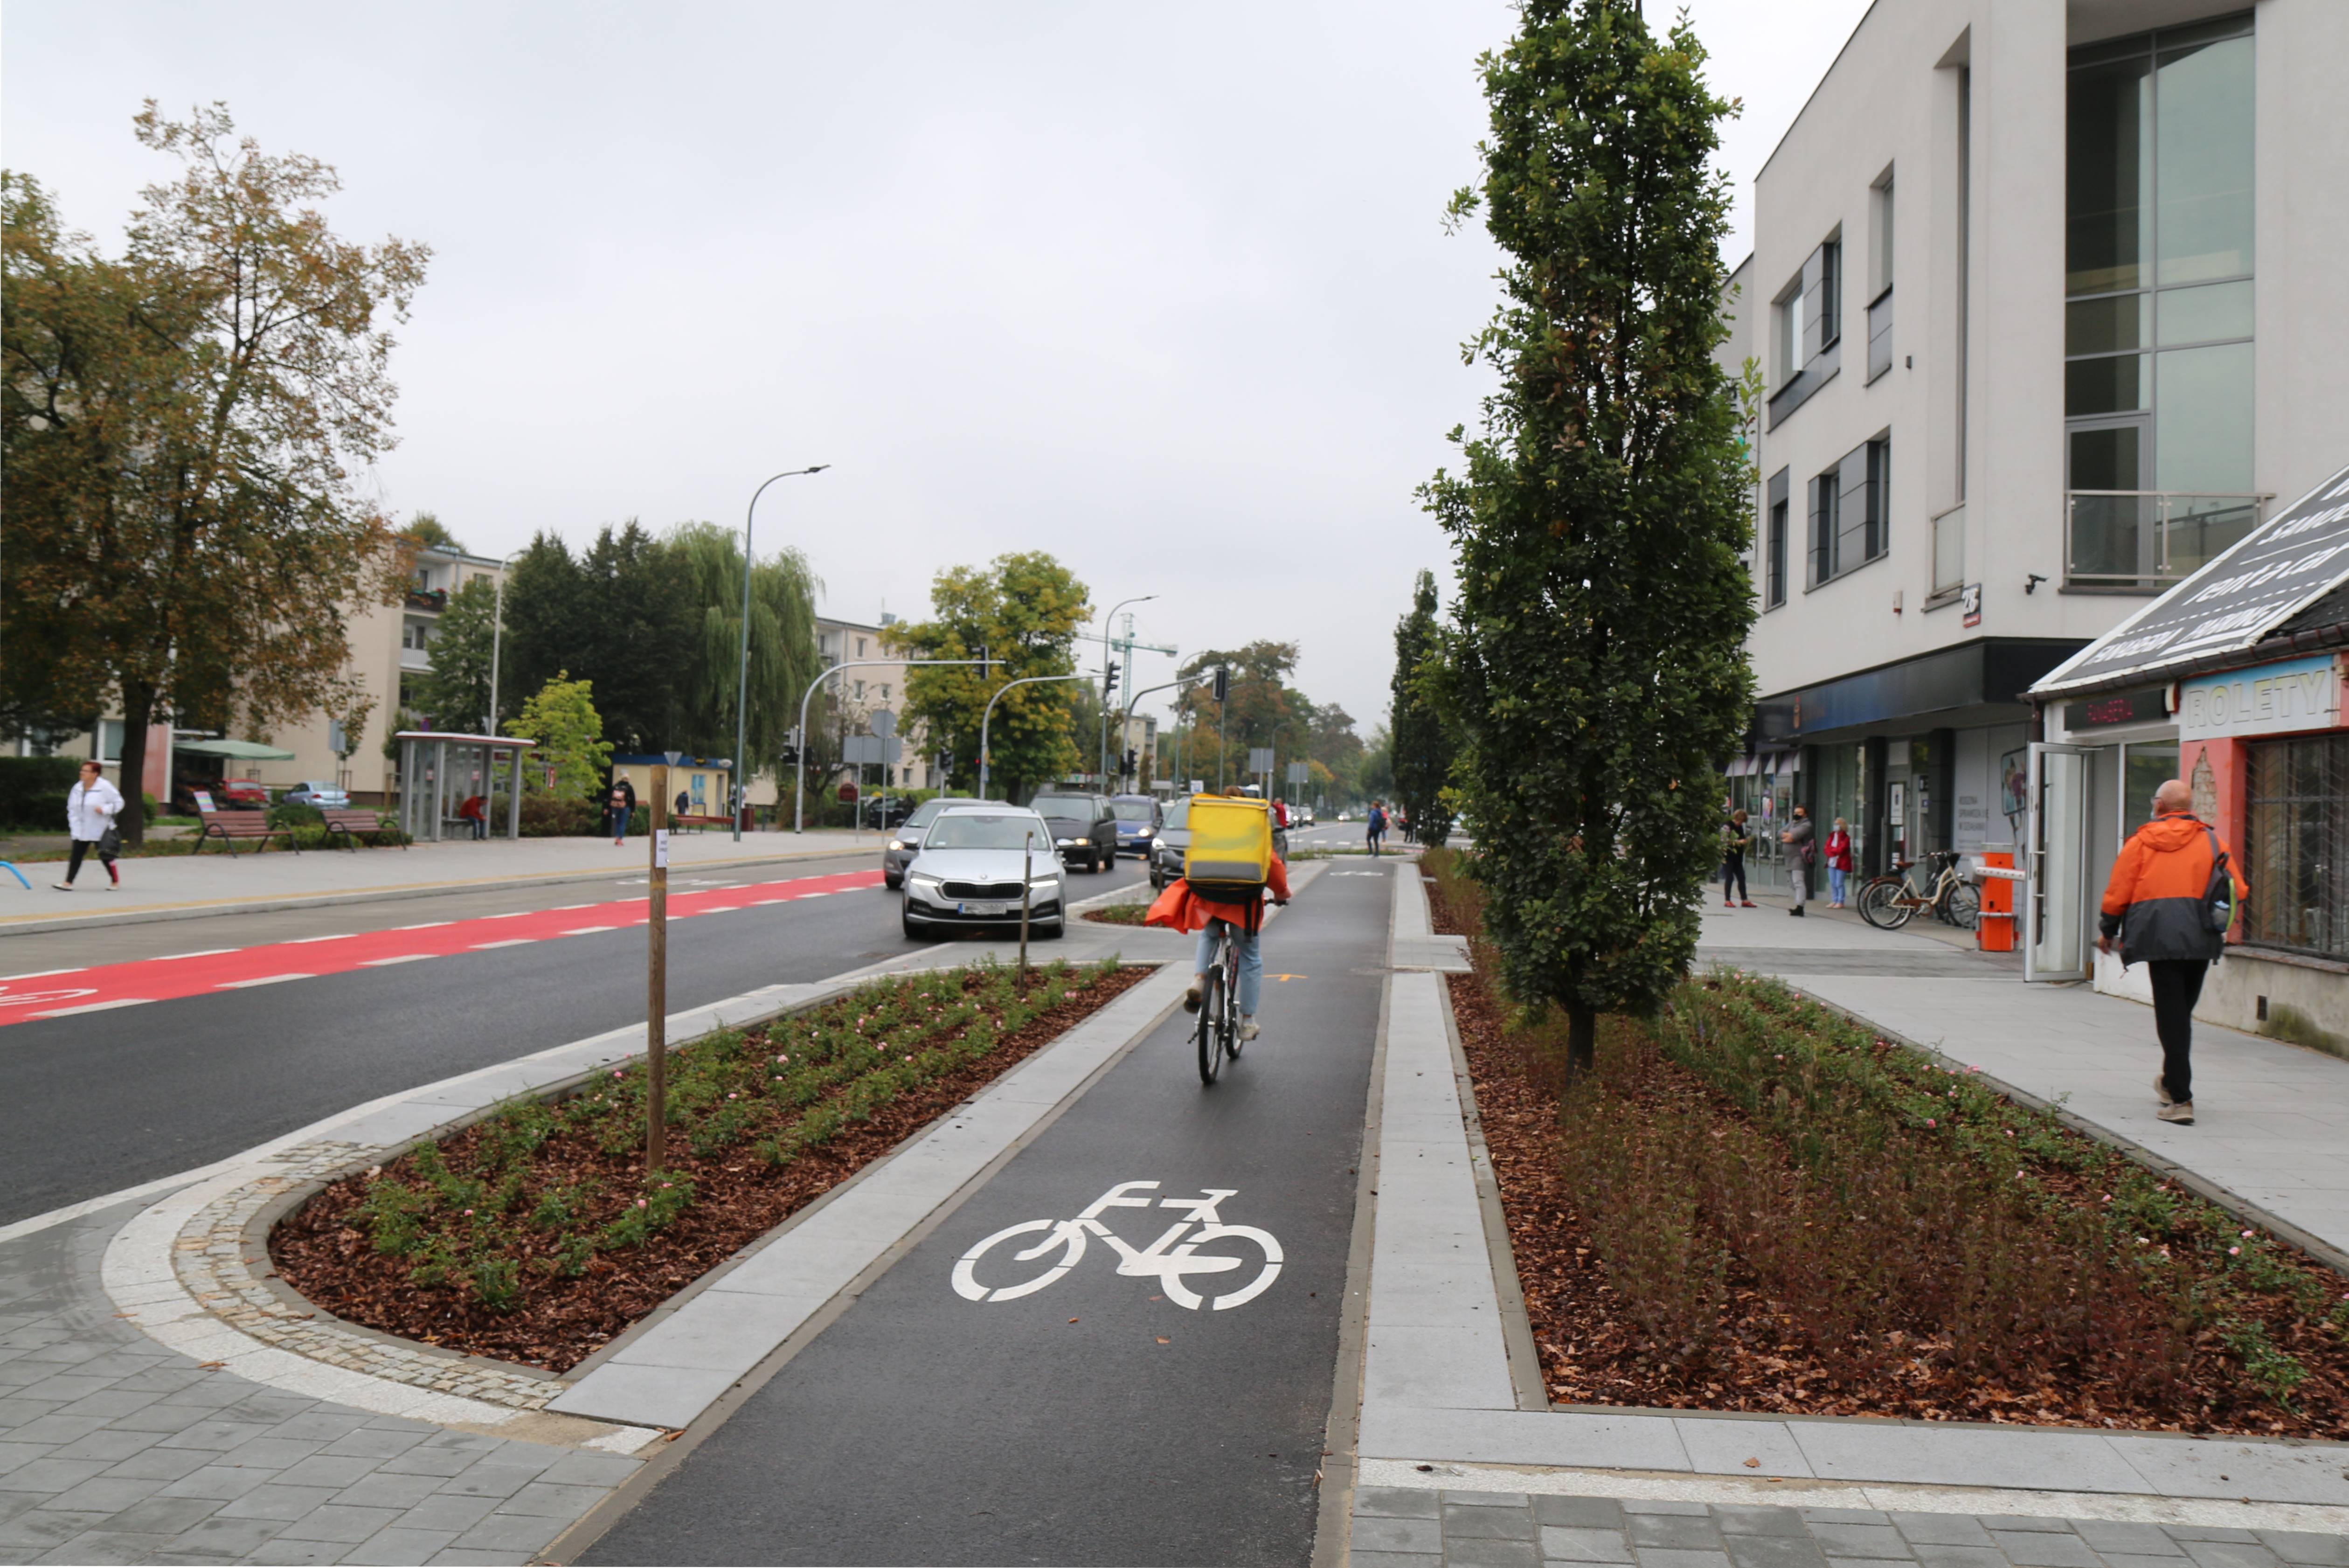 Nowa infrastruktura dla rowerzystów. Na zdjęciu ulica Puławska ze ścieżką rowerową oraz pasem rowerowym.